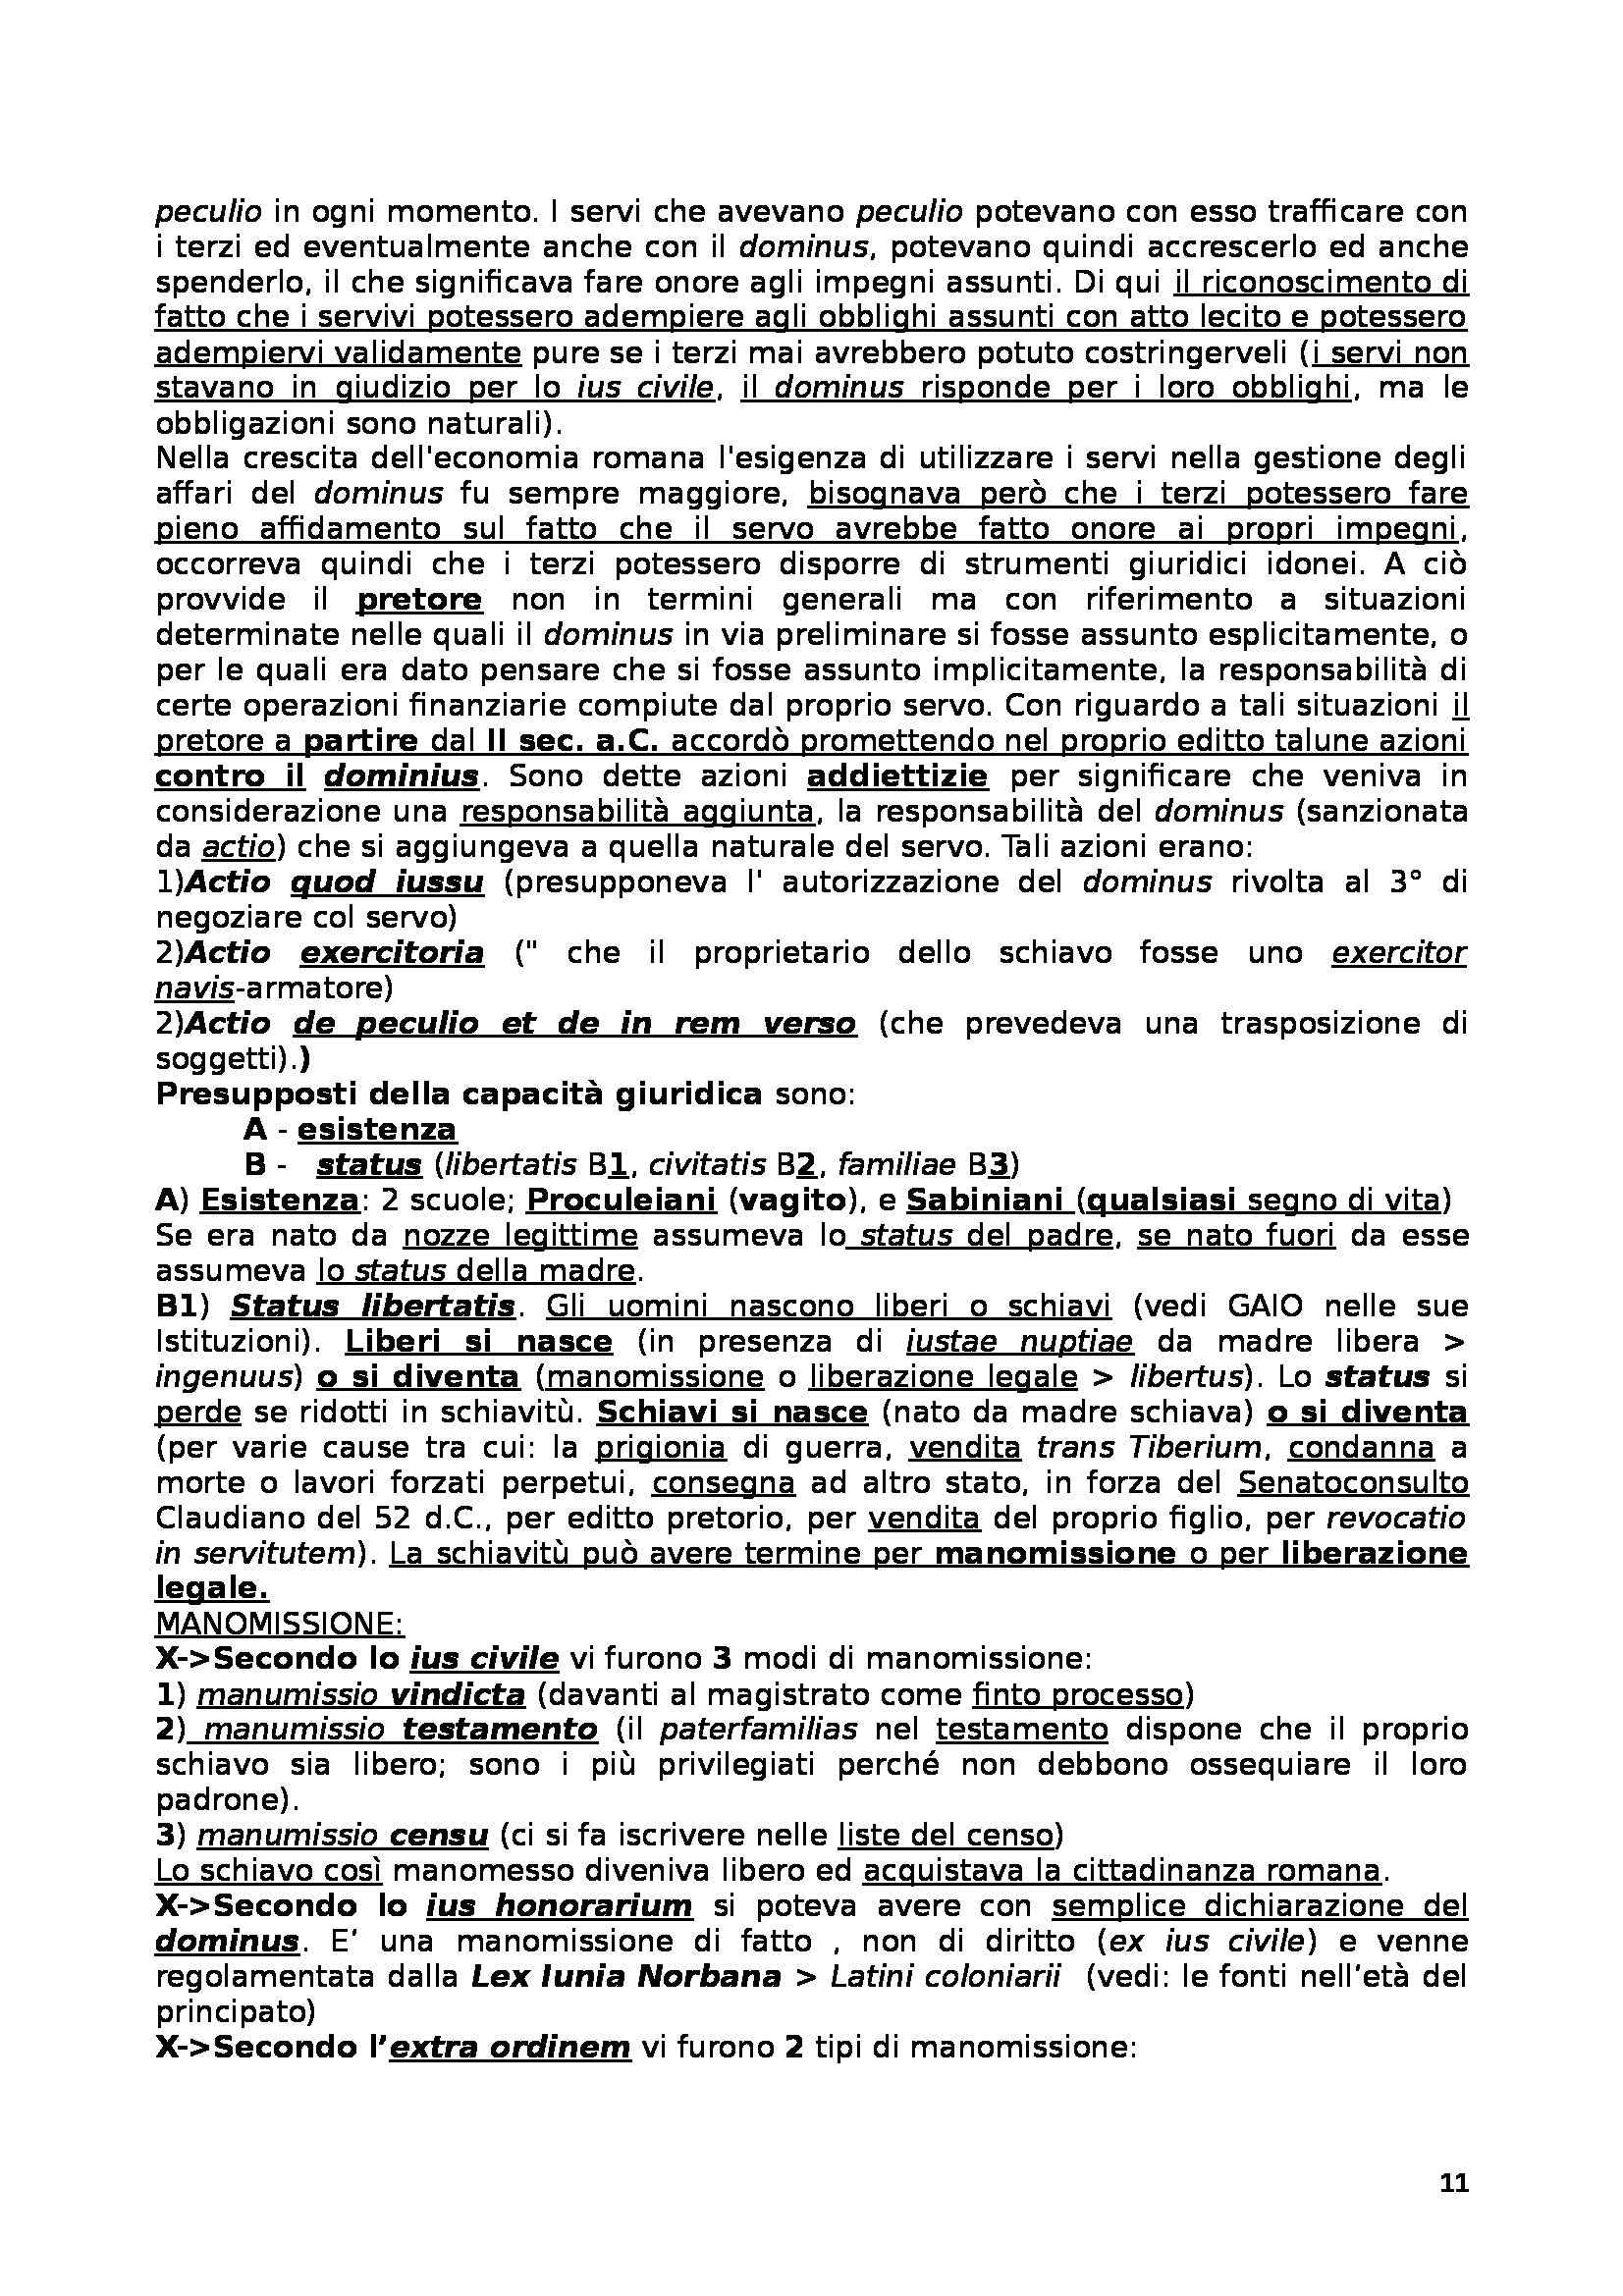 Istituzioni diritto romano - Sintesi della materia Pag. 11